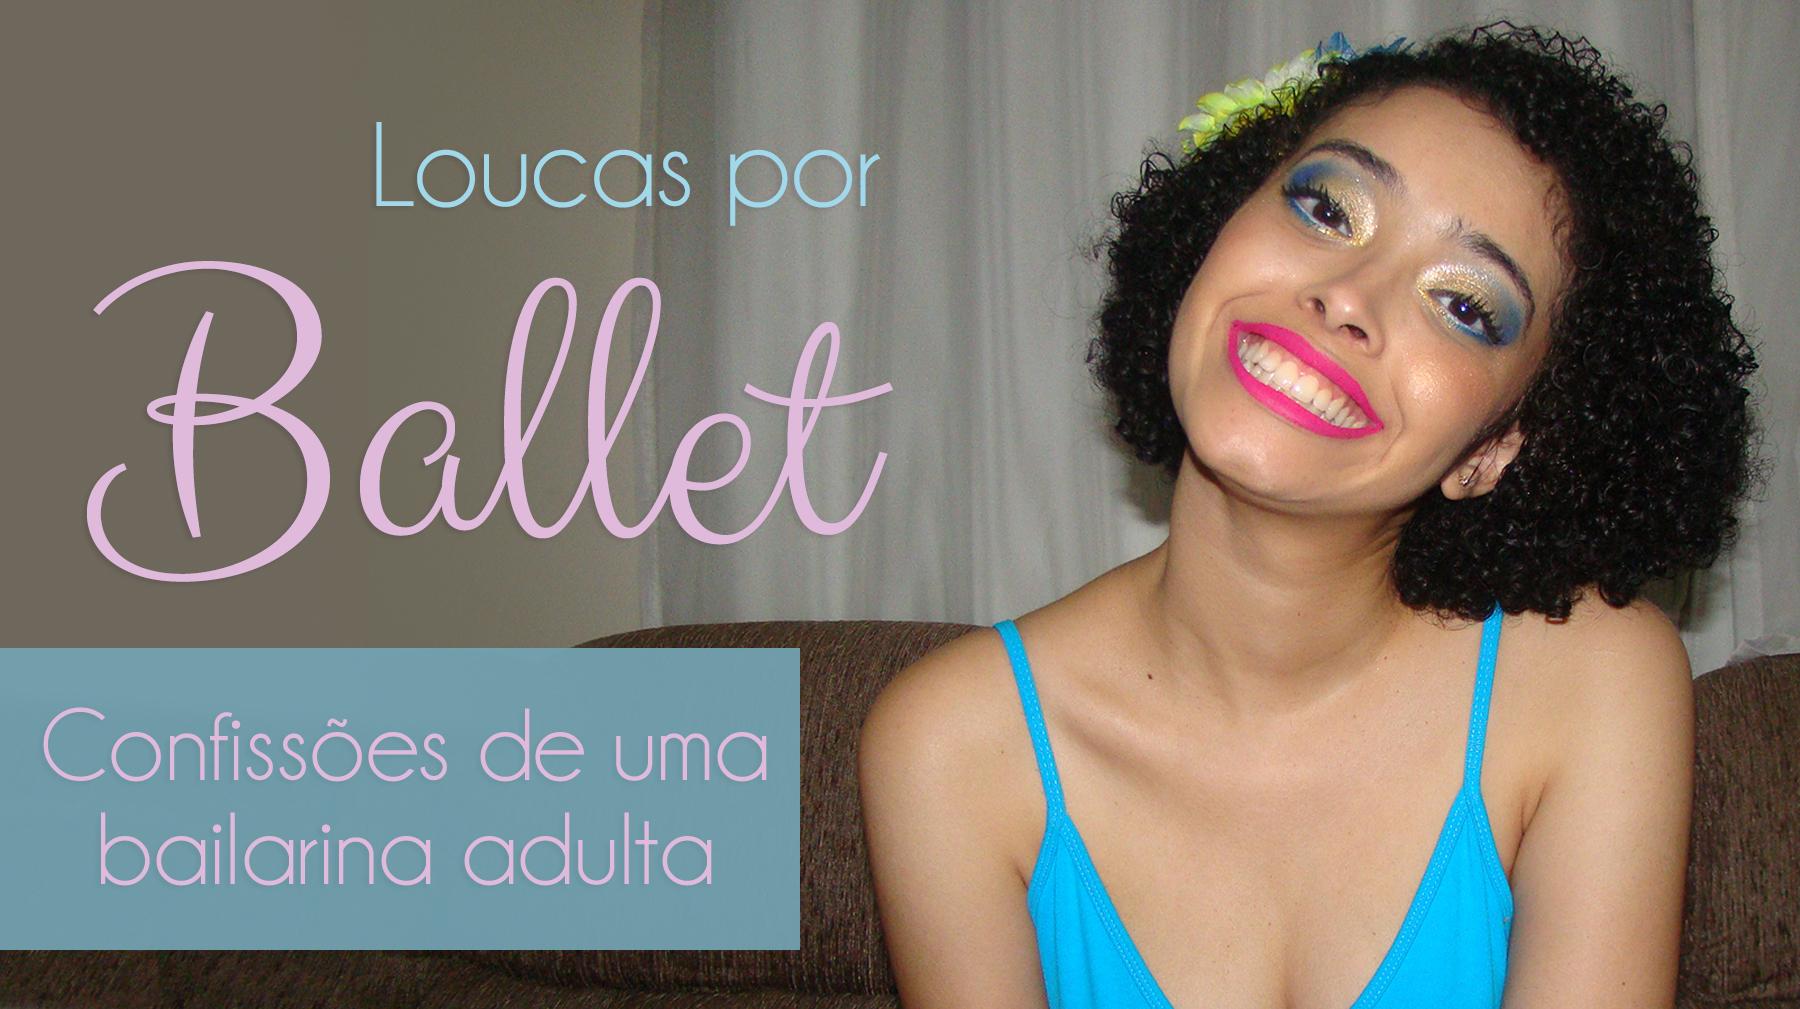 tag-loucas-por-ballet-confissoes-bailarina-adulta